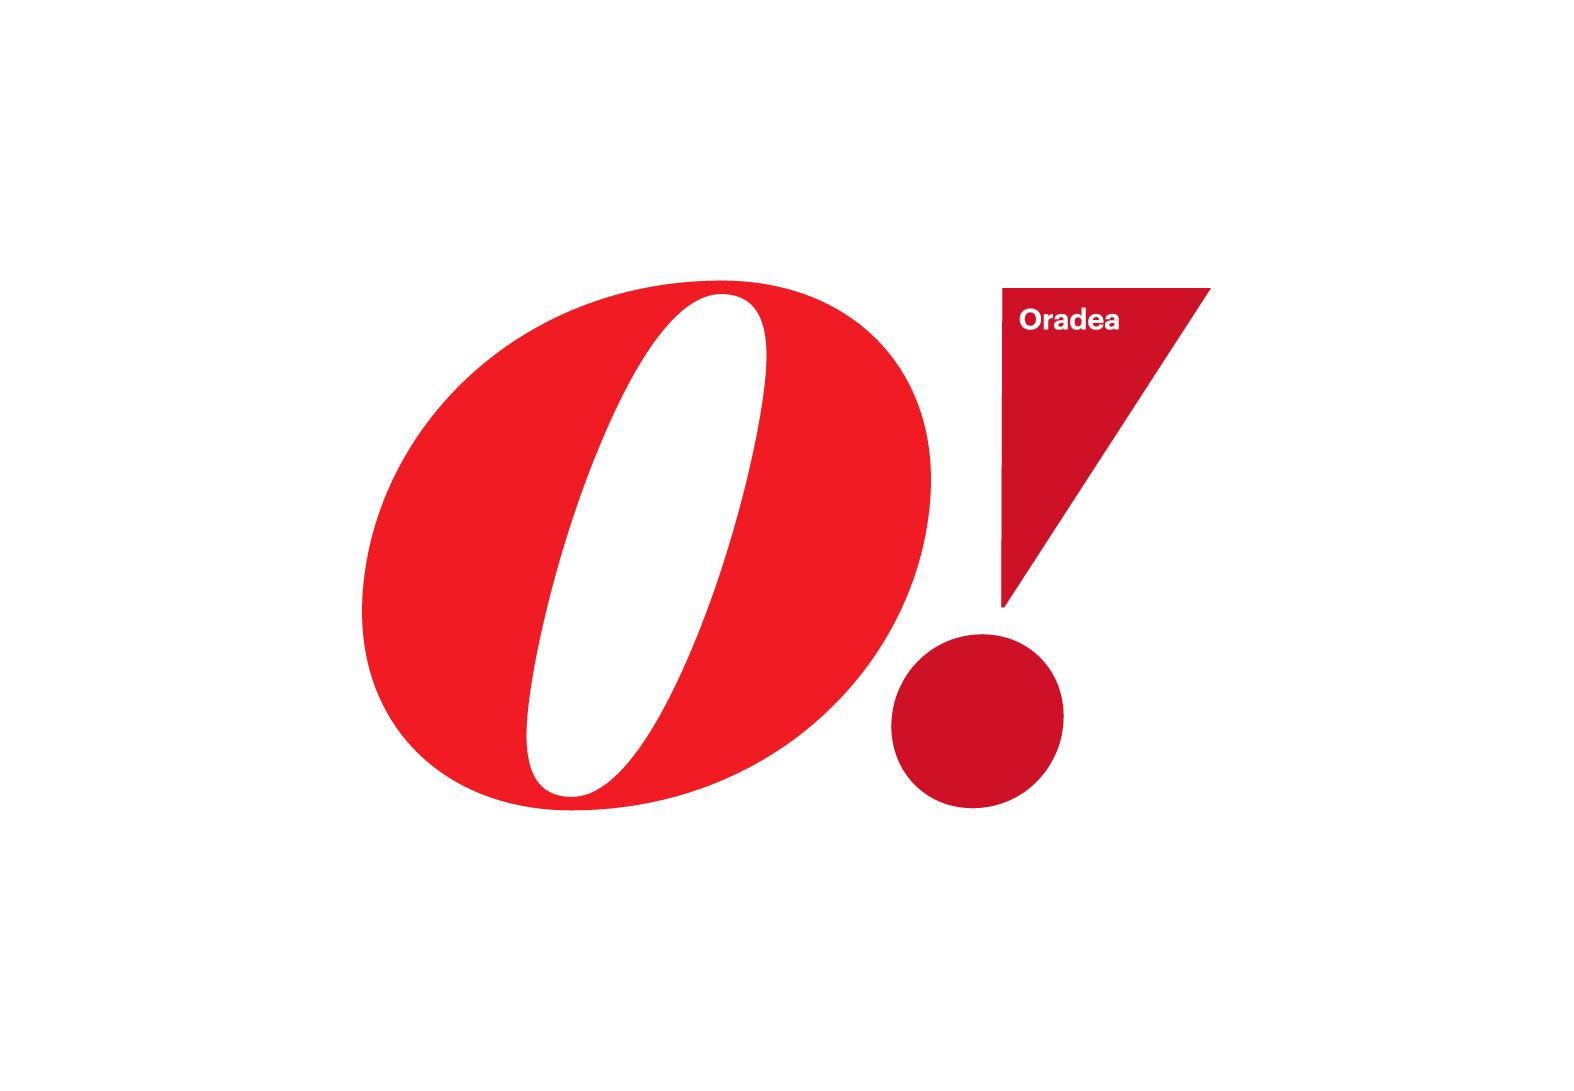 oradea_identitate_export_Hye Oradea 1.1.jpg